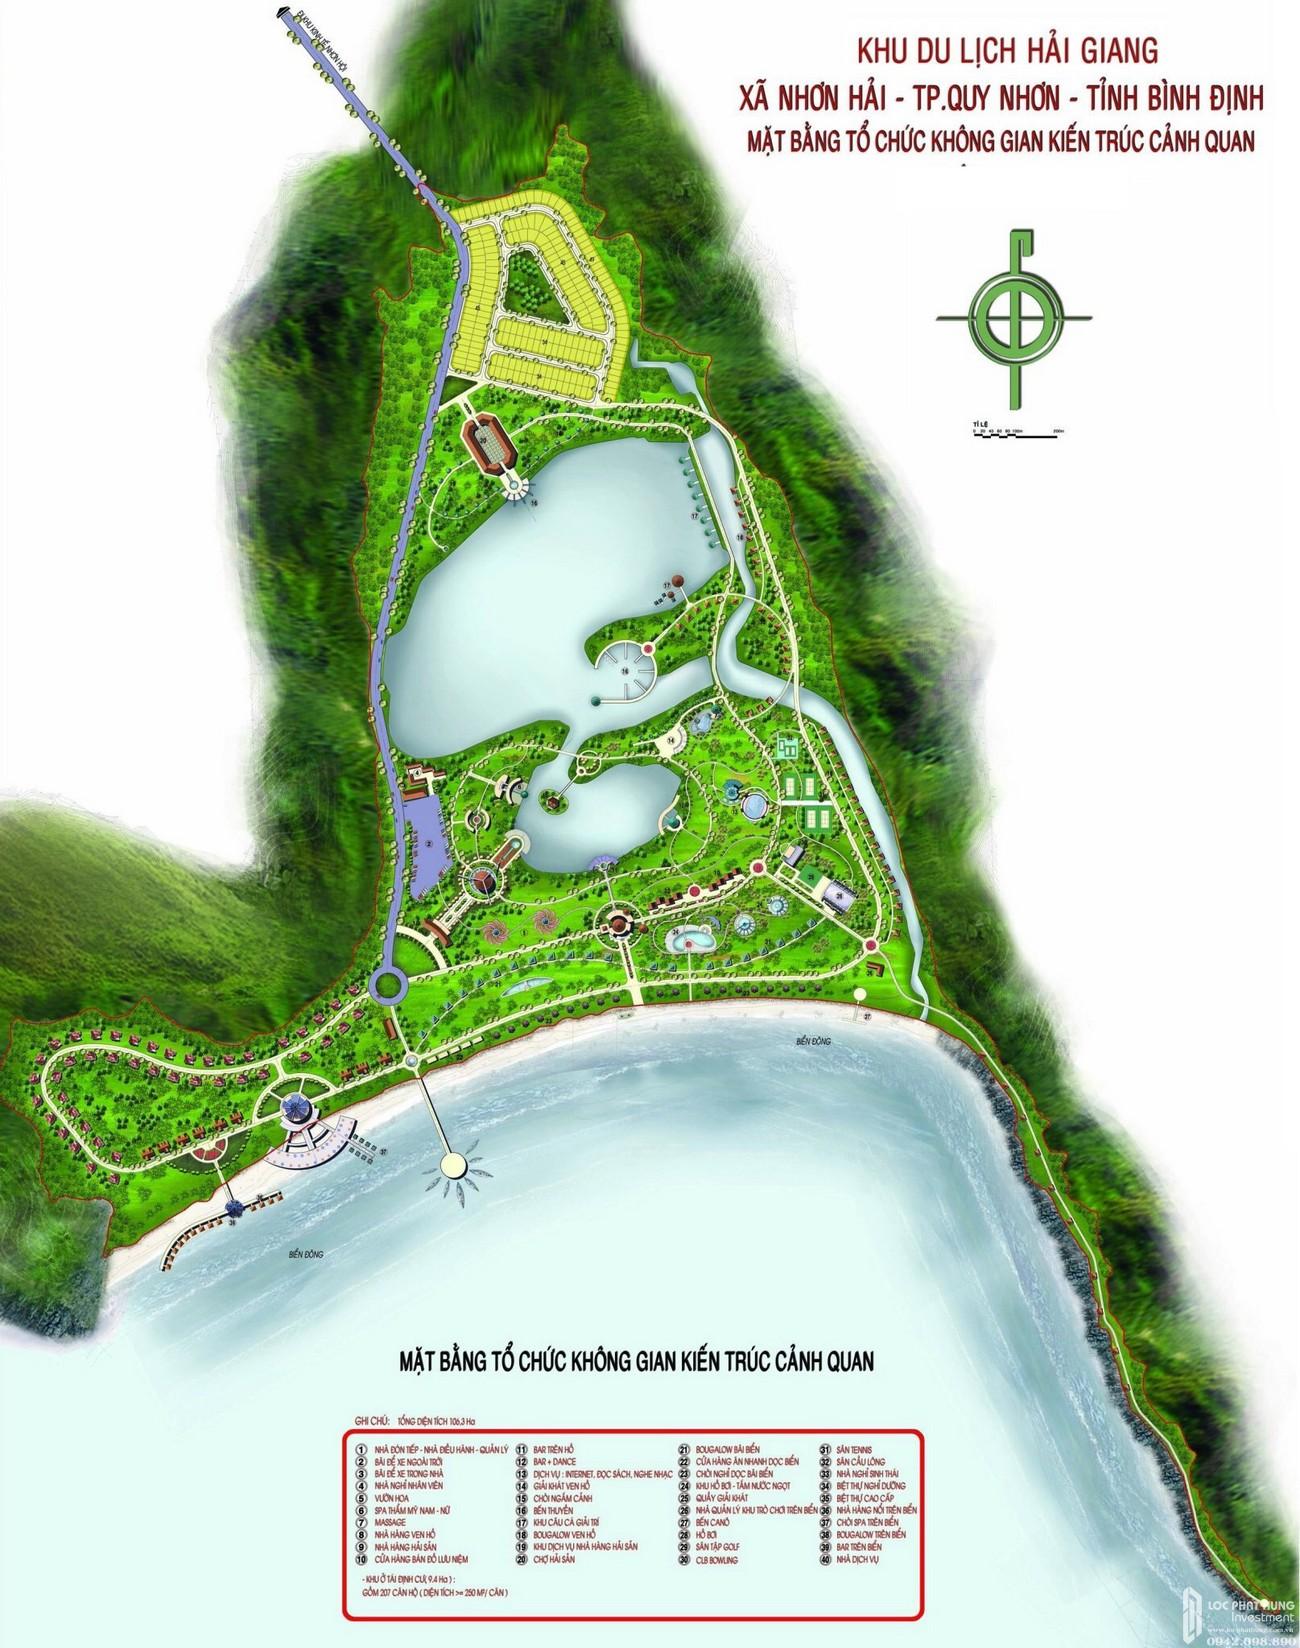 Mặt bằng dự án căn hộ biệt thự Merry City Quy Nhơn chủ đầu tư Hưng Thịnh